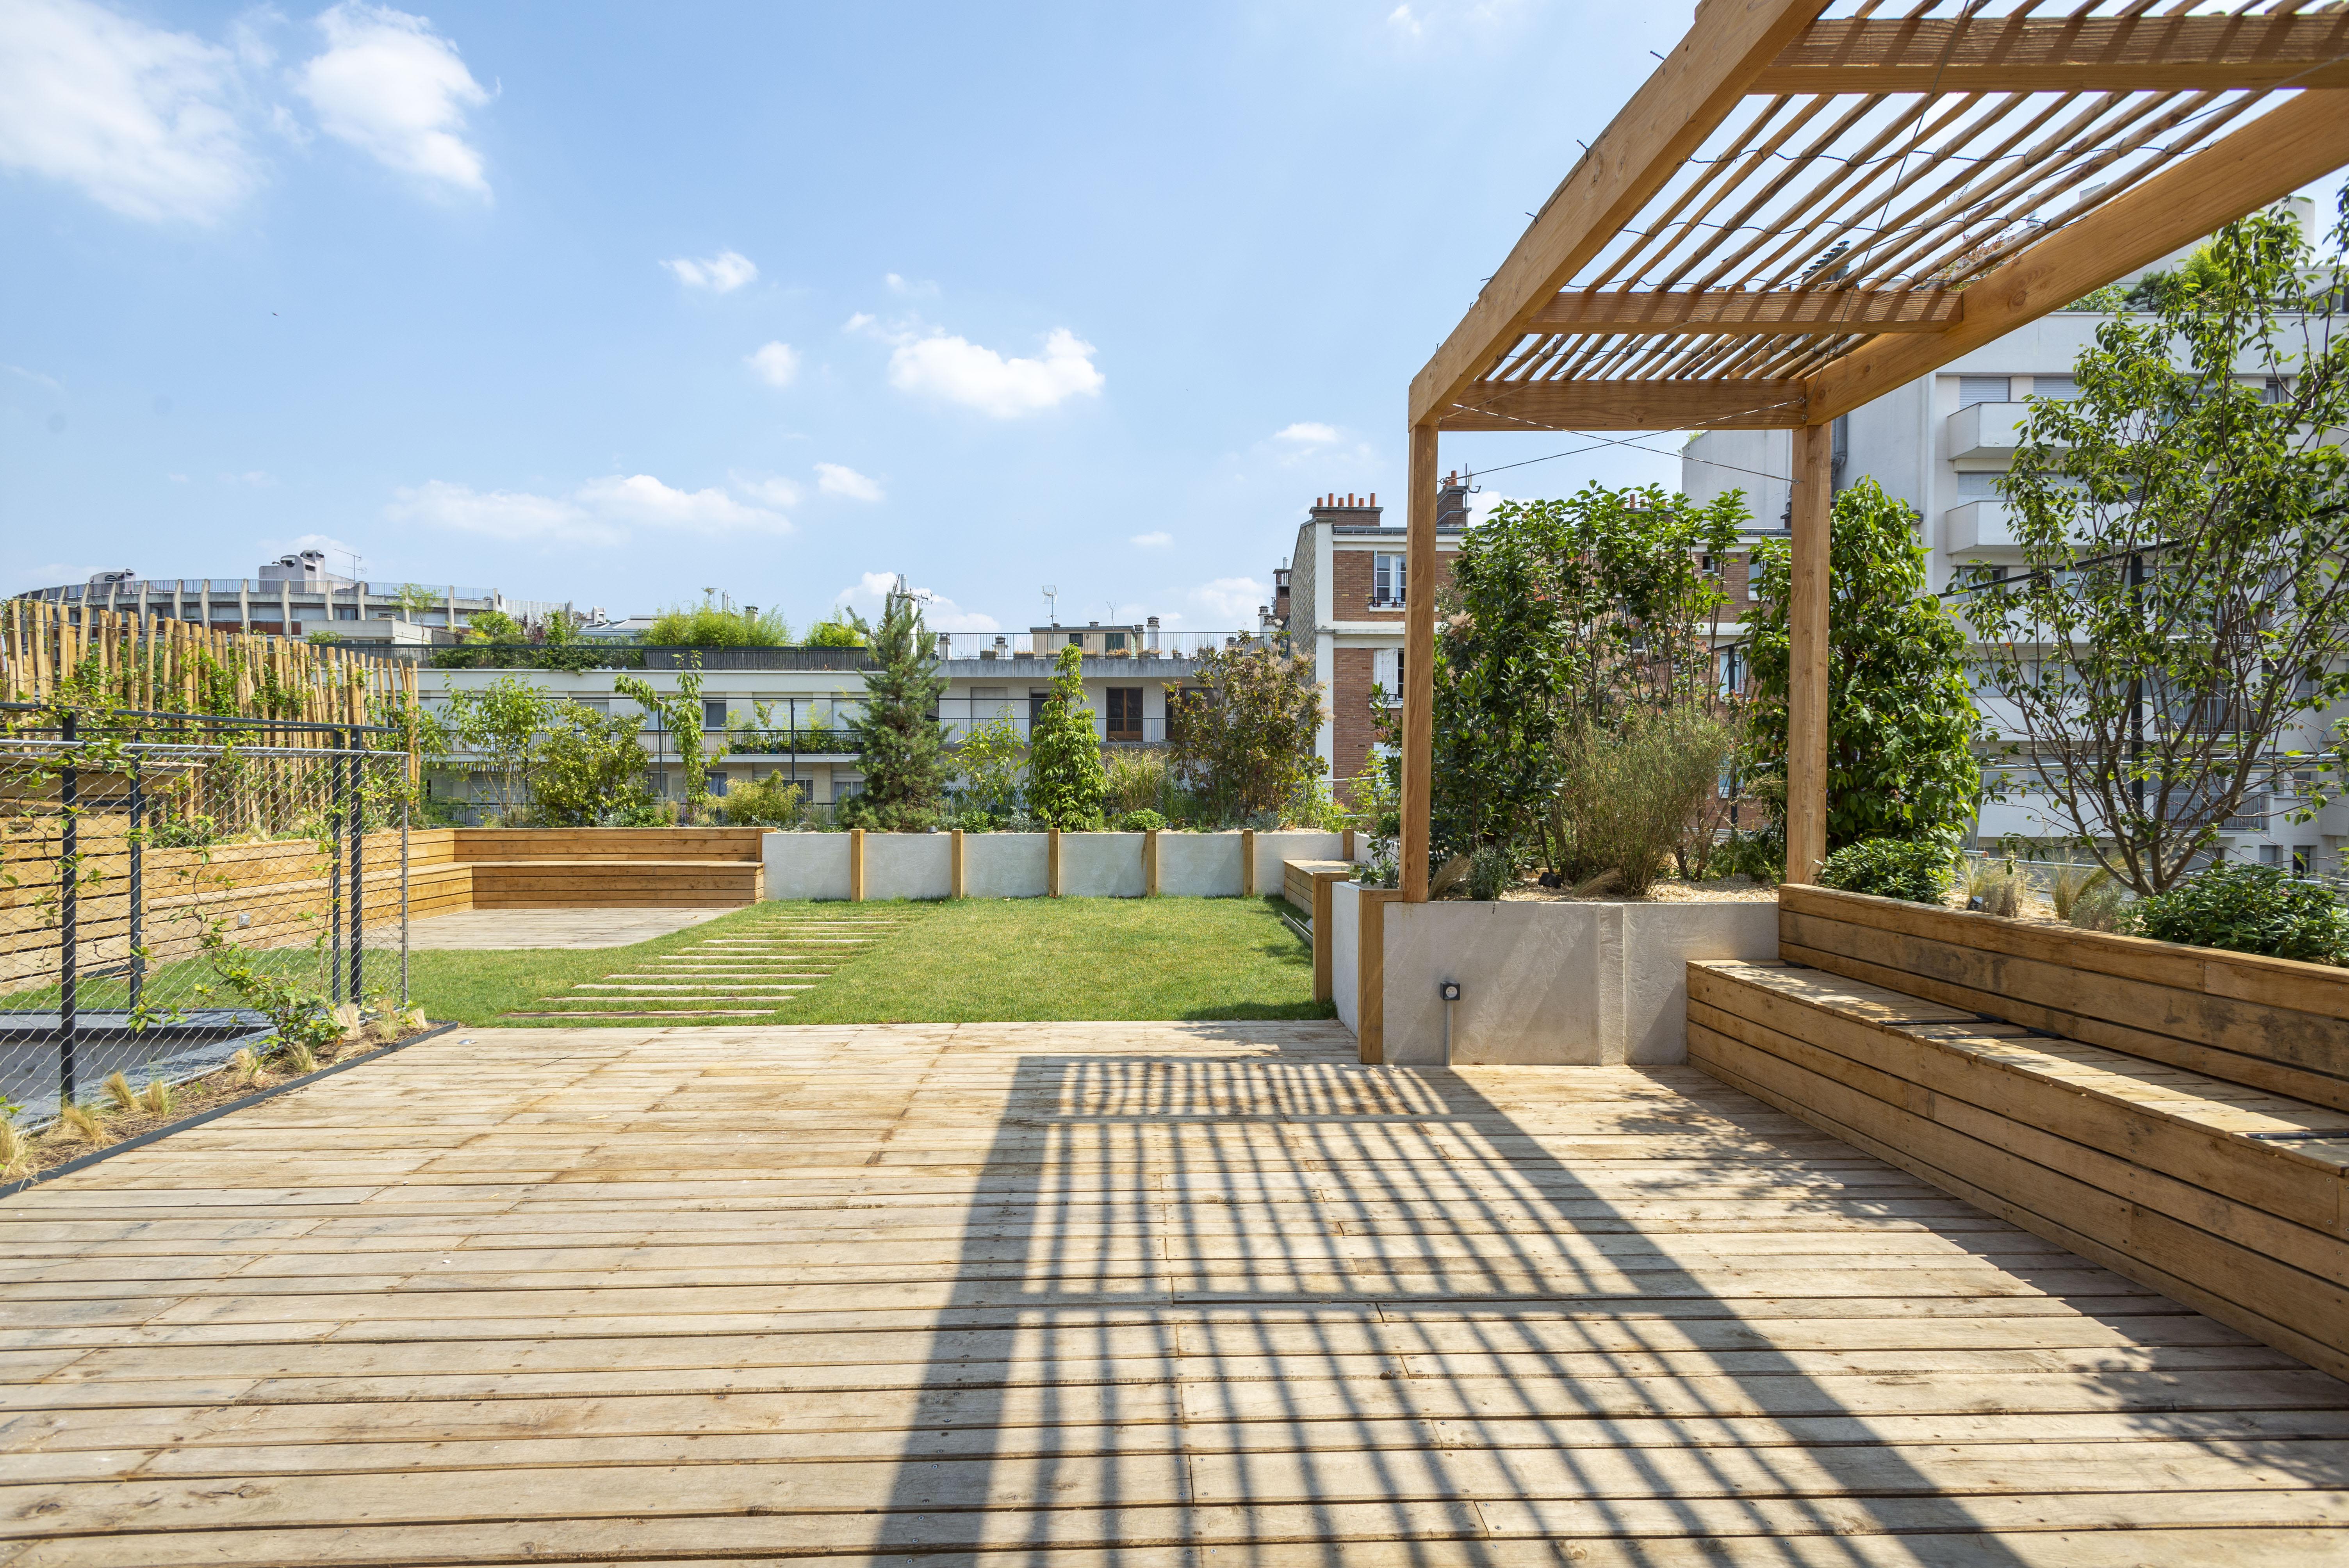 #VENDU#Une maison sur les toits-Quartier des Gobelins-Paris 13